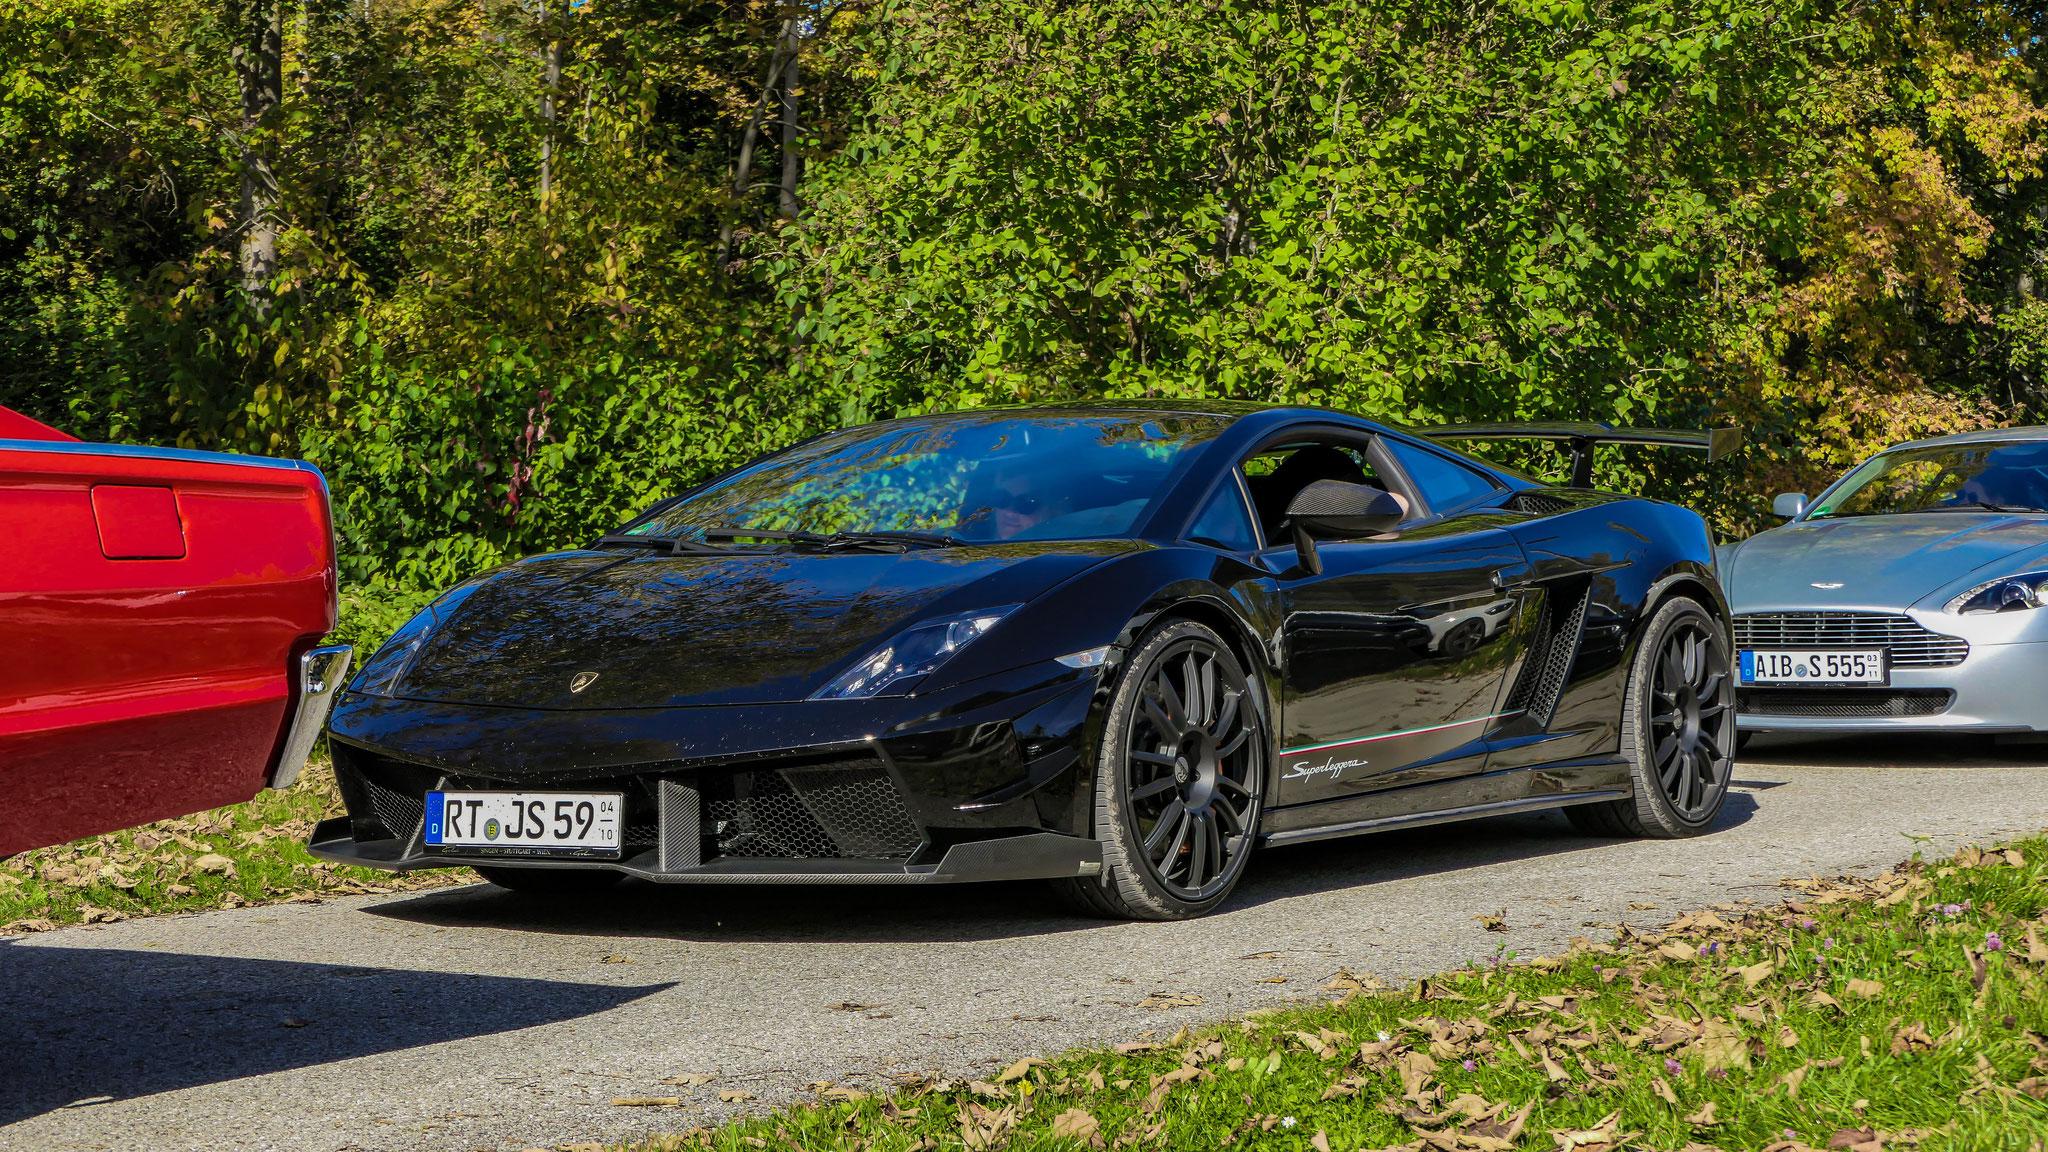 Lamborghini Gallardo Superleggera - RT-JS-59